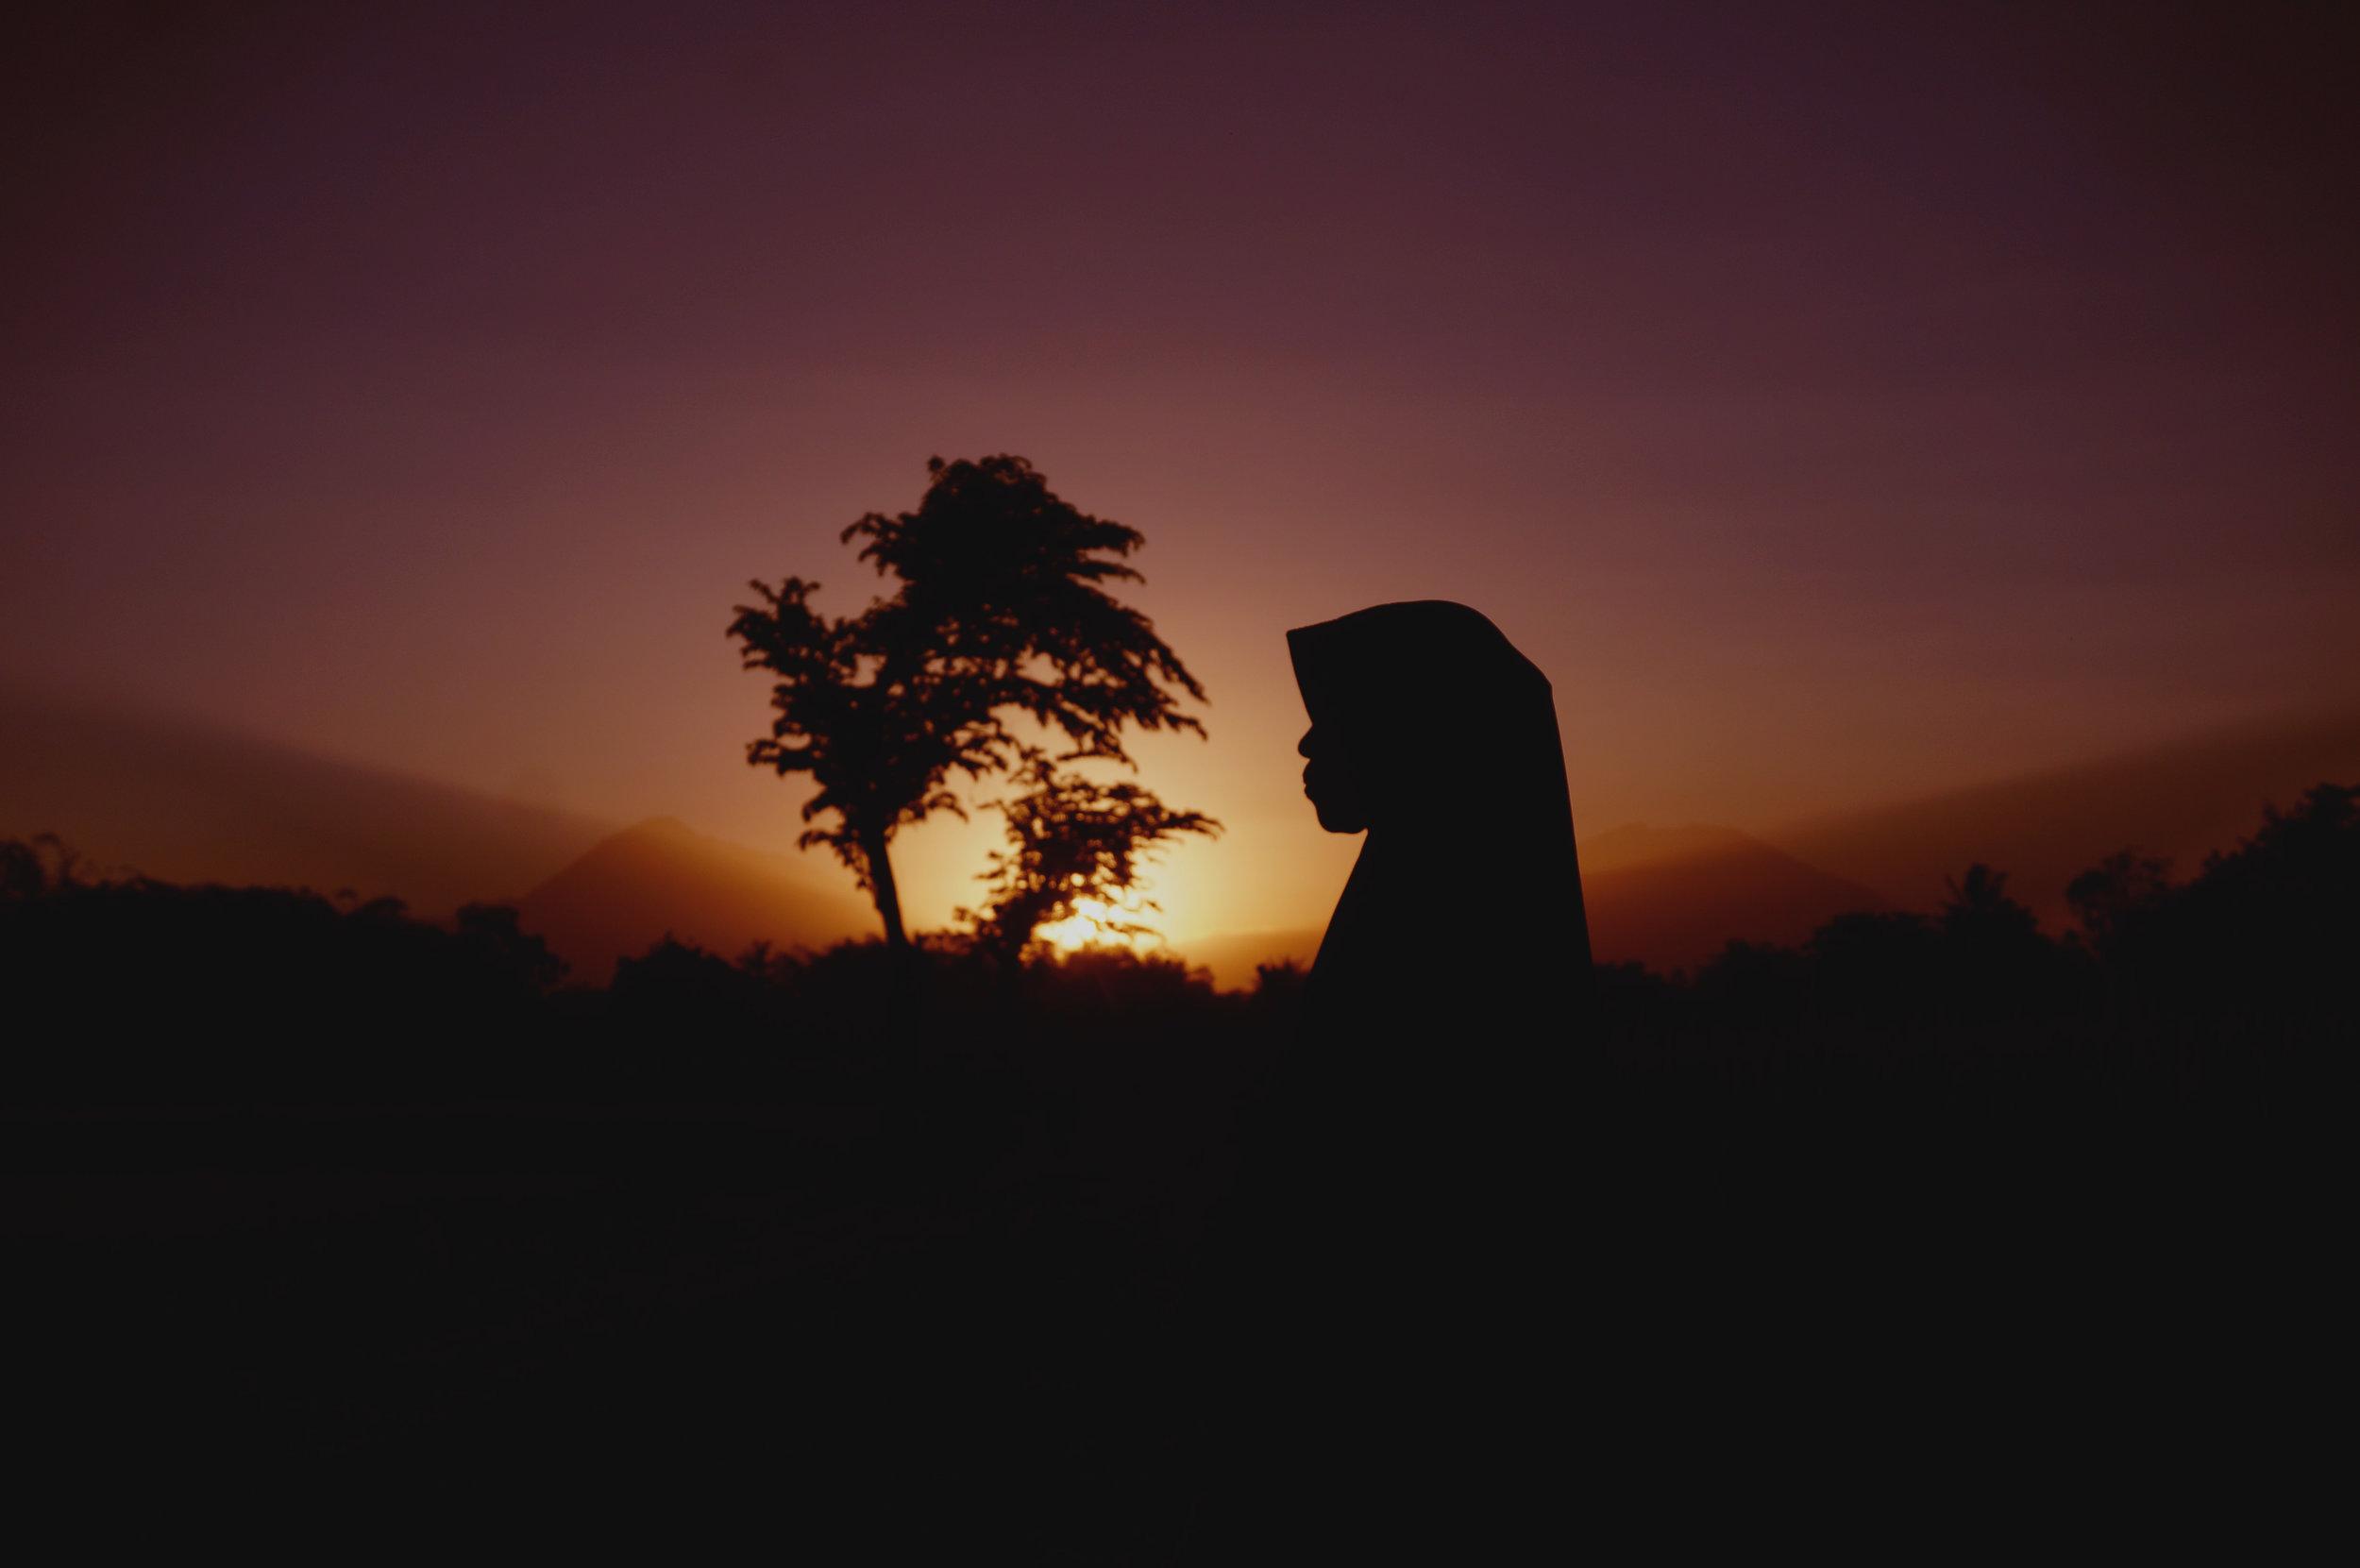 hijabi01